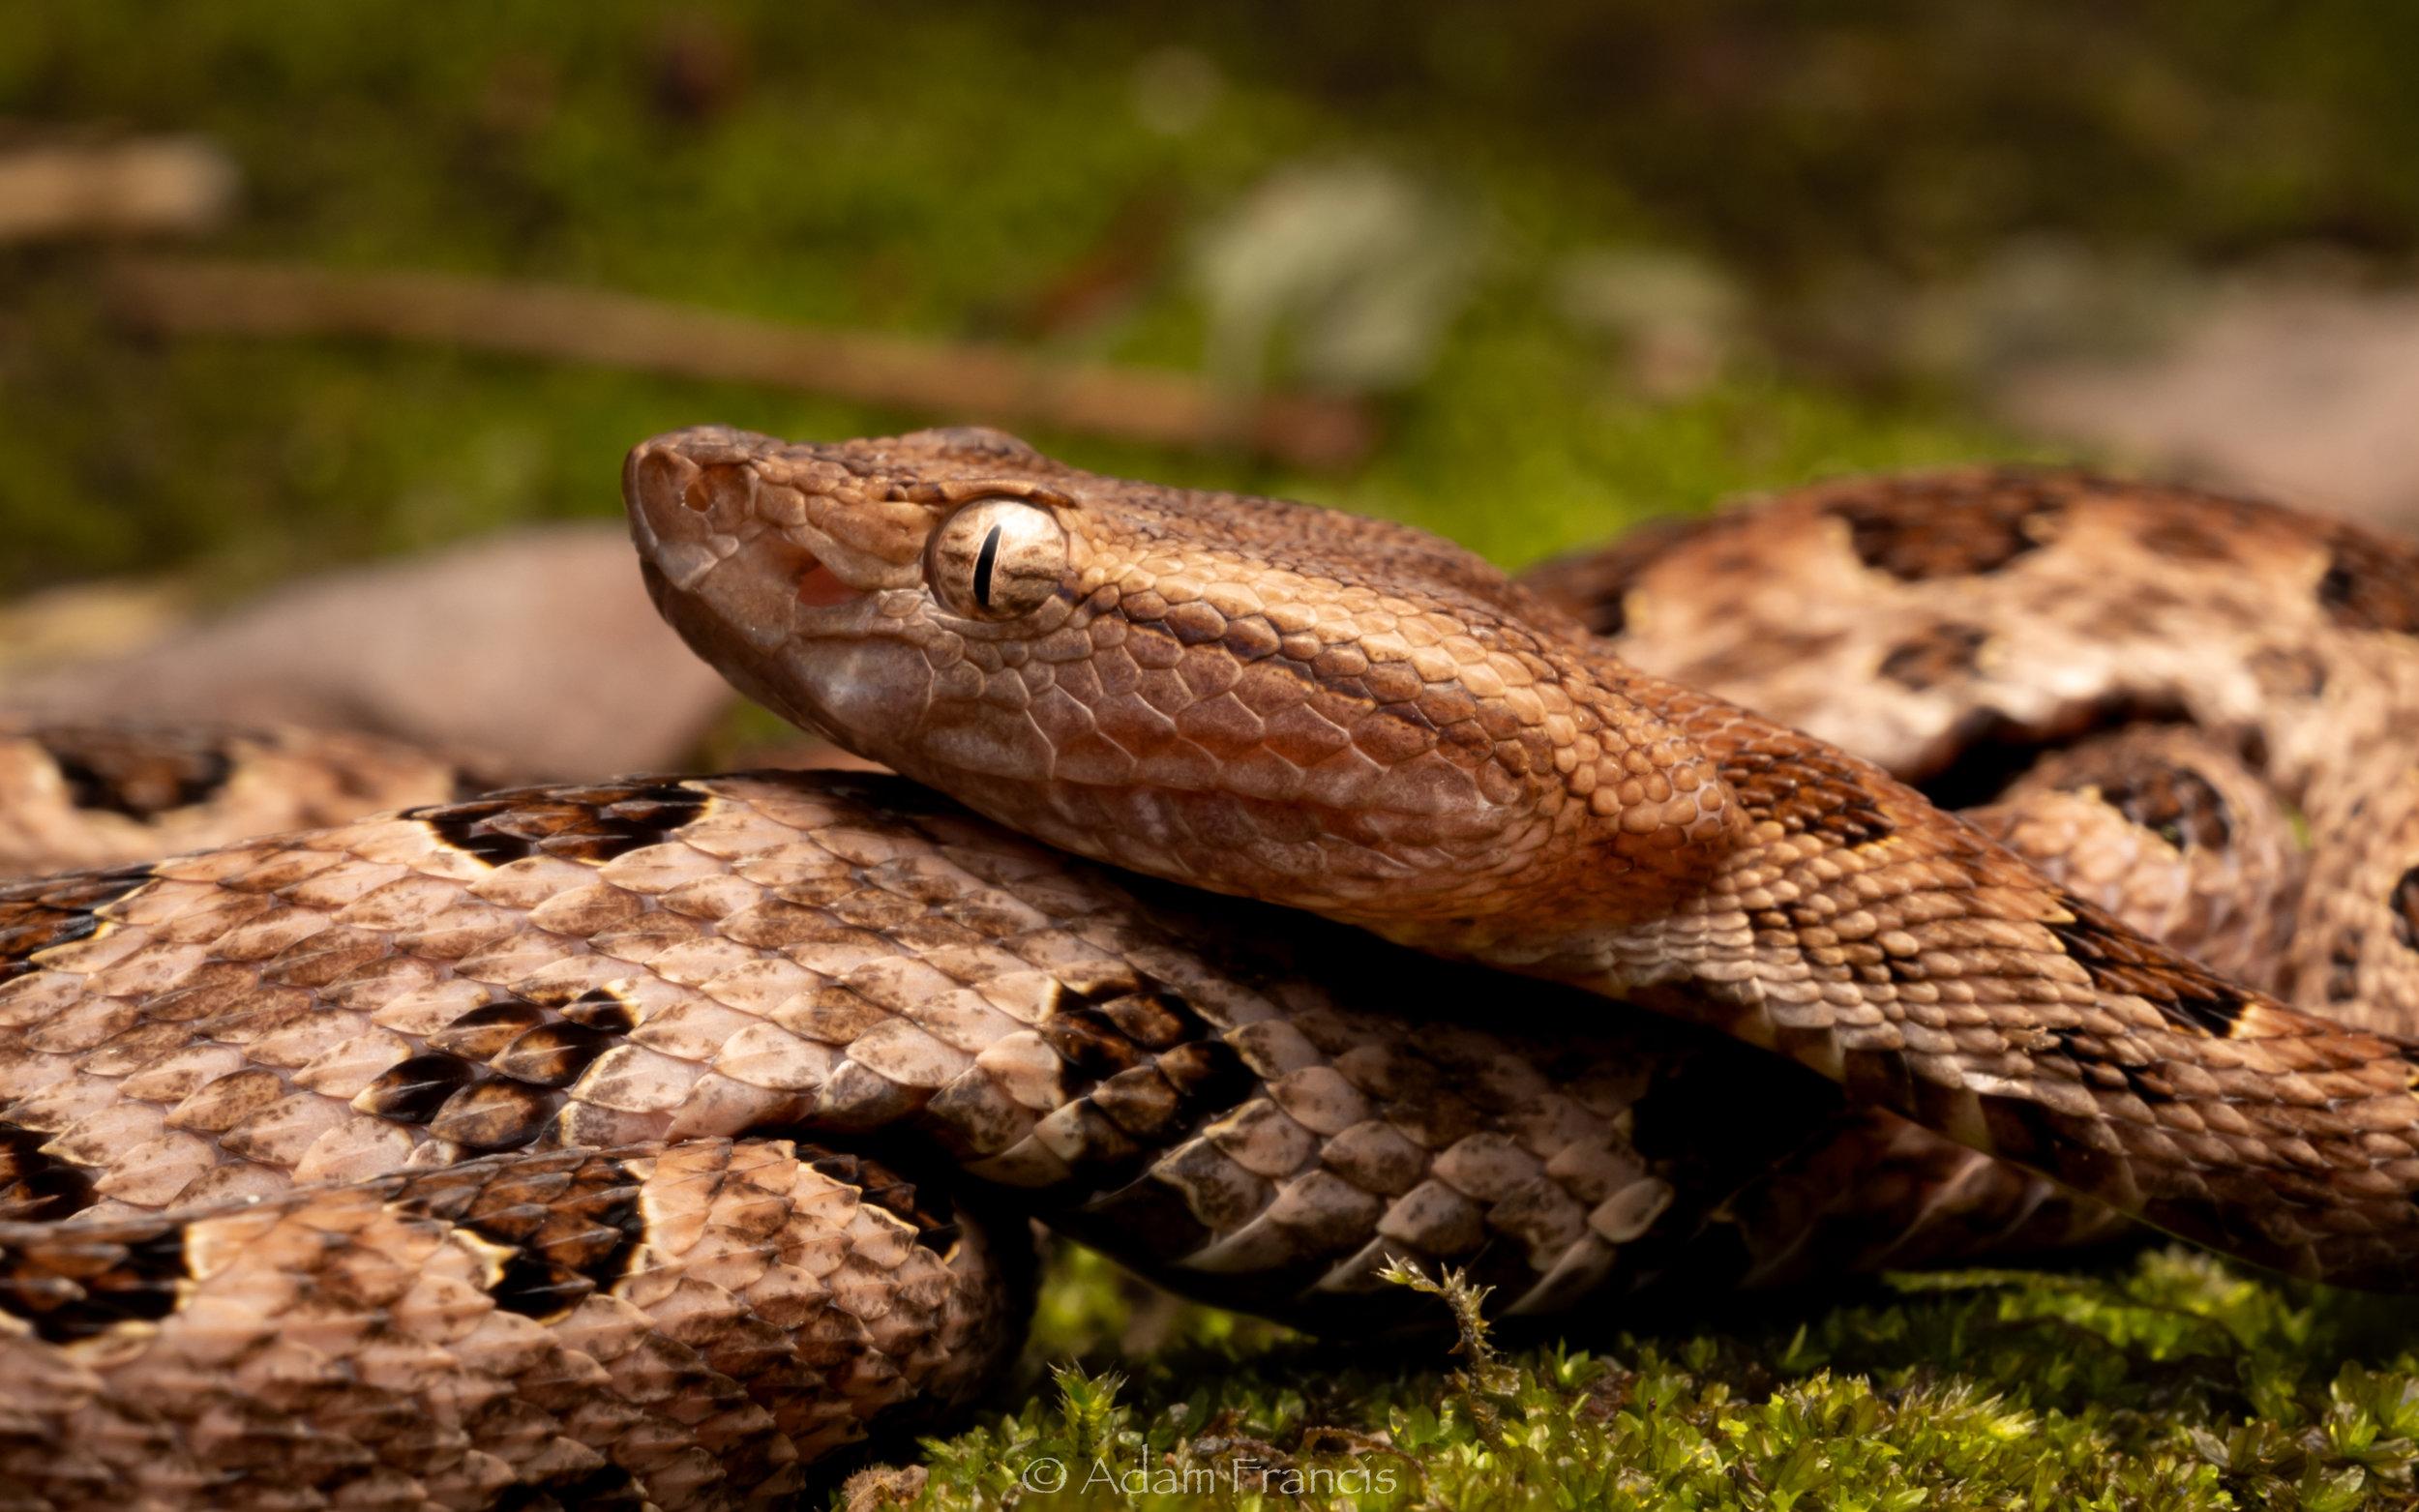 Pointed Scale Viper - Habu - Protobothrops mucrosquamatus-19.jpg